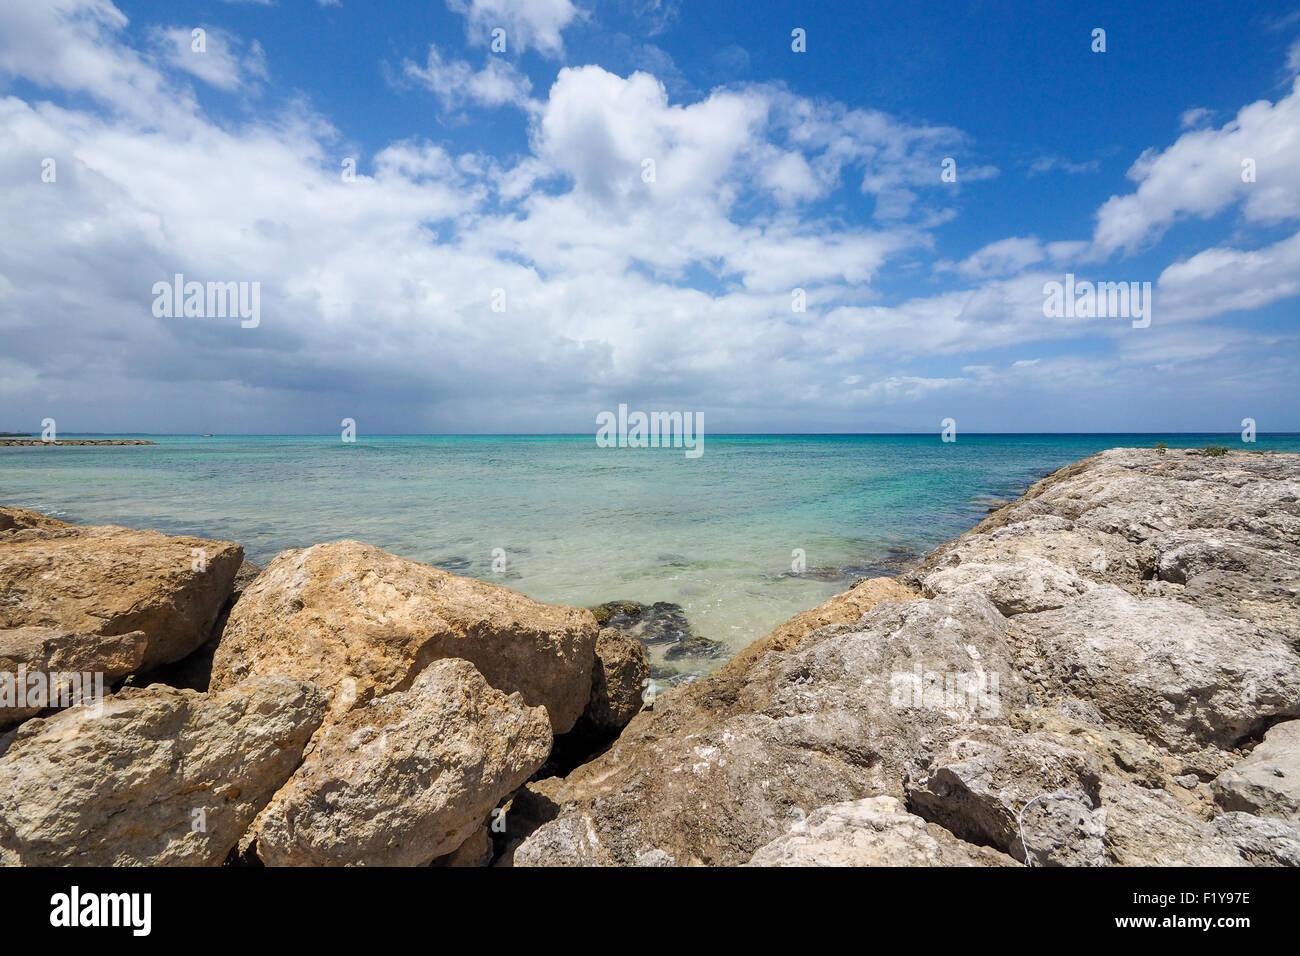 Paysage ensoleillé, sur l'horizon bleu de la mer avec des rochers, Grande Terre, Guadeloupe, West Indies Banque D'Images